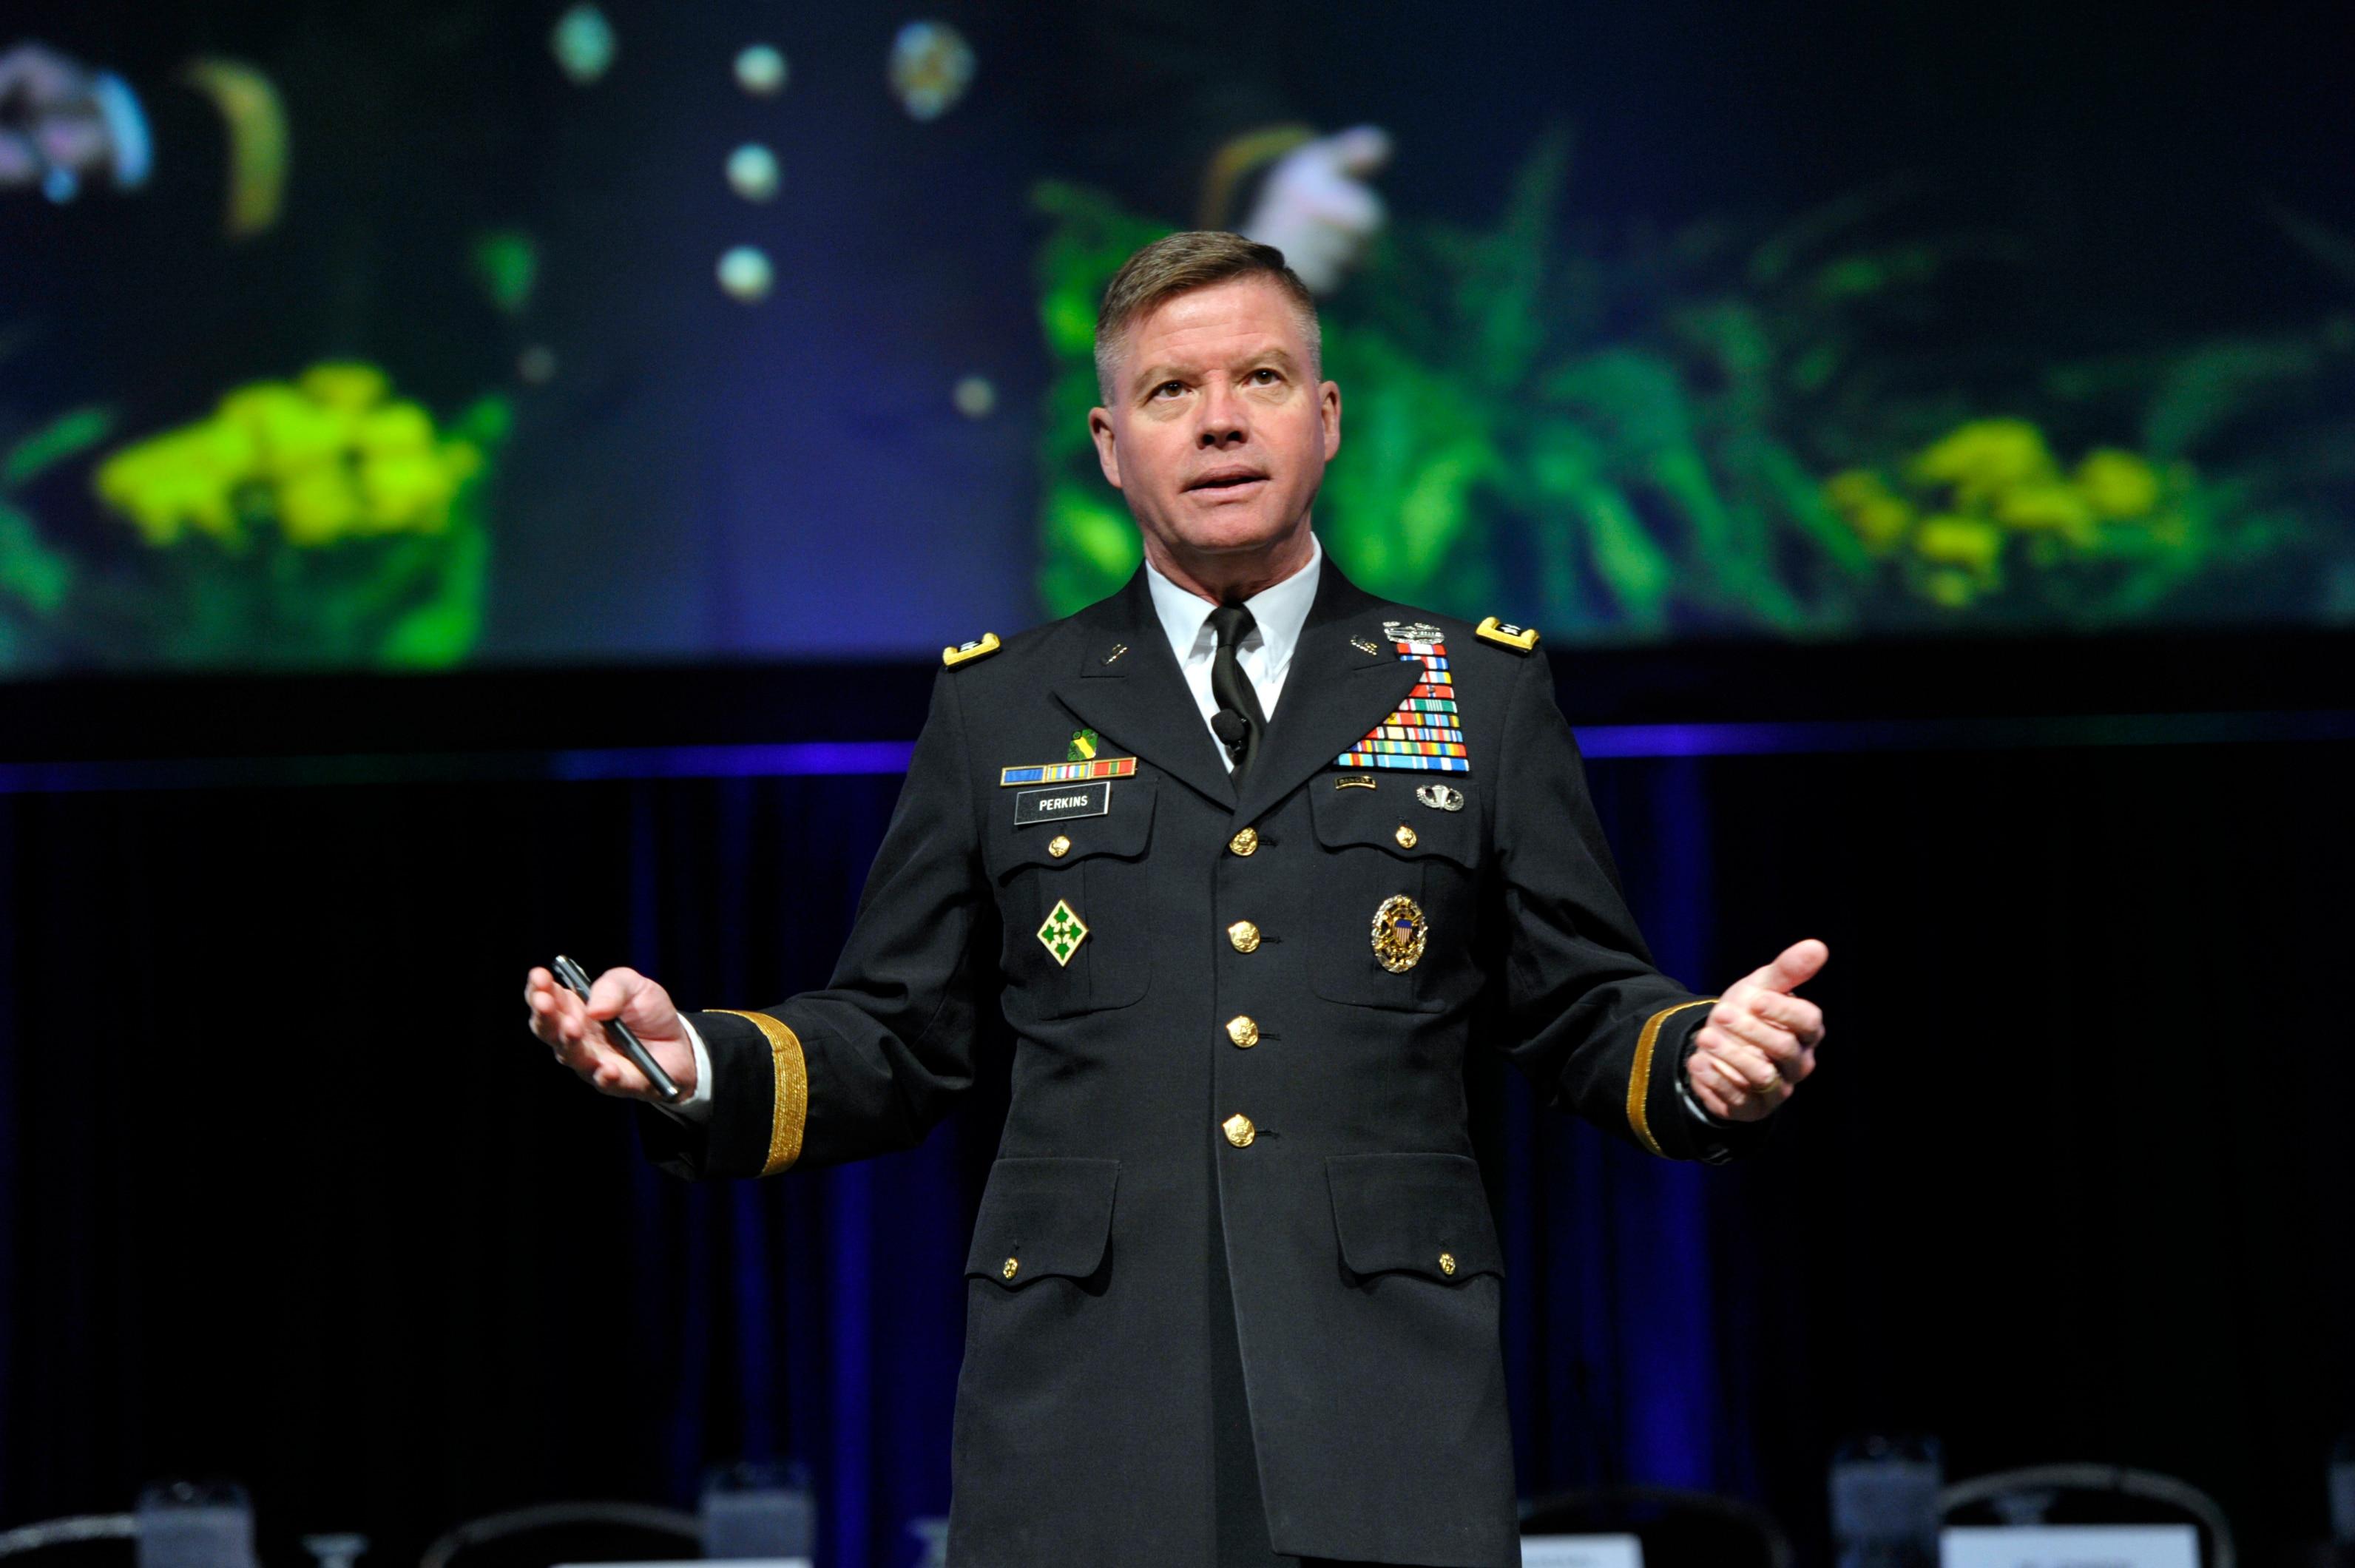 Gen. Perkins AUSA ILW 2017